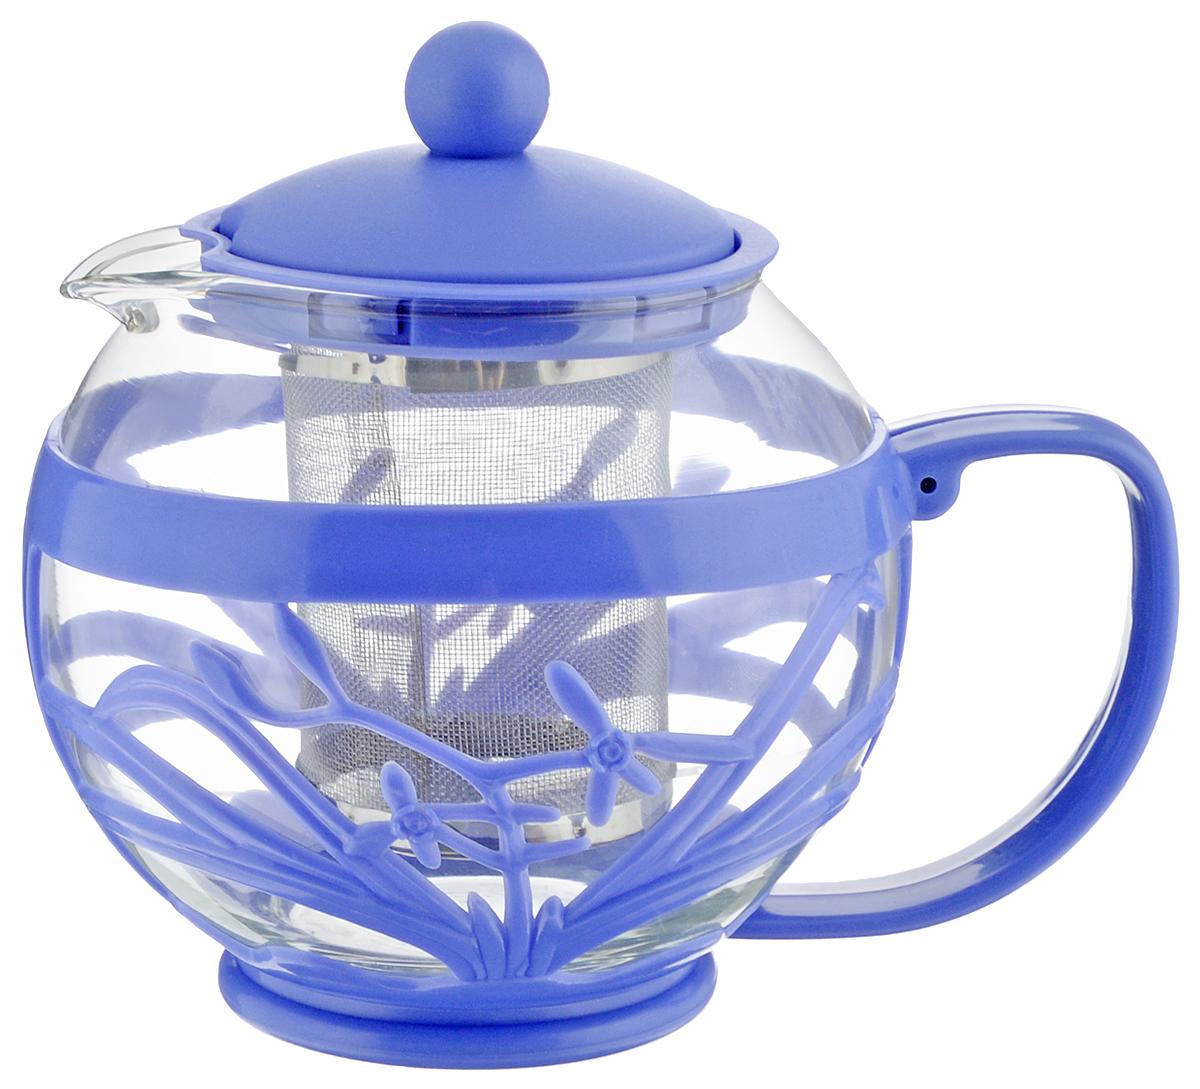 Чайник заварочный Menu Мелисса, с фильтром, цвет: прозрачный, сиреневый, 750 млMLS-75_прозрачный, сиреневыйЧайник Menu Мелисса изготовлен из прочного стекла и пластика. Он прекрасно подойдет для заваривания чая и травяных напитков. Классический стиль и оптимальный объем делают его удобным и оригинальным аксессуаром. Изделие имеет удлиненный металлический фильтр, который обеспечивает высокое качество фильтрации напитка и позволяет заварить чай даже при небольшом уровне воды. Ручка чайника не нагревается и обеспечивает безопасность использования. Нельзя мыть в посудомоечной машине. Диаметр чайника (по верхнему краю): 8 см.Высота чайника (без учета крышки): 11 см.Размер фильтра: 6 х 6 х 7,2 см.